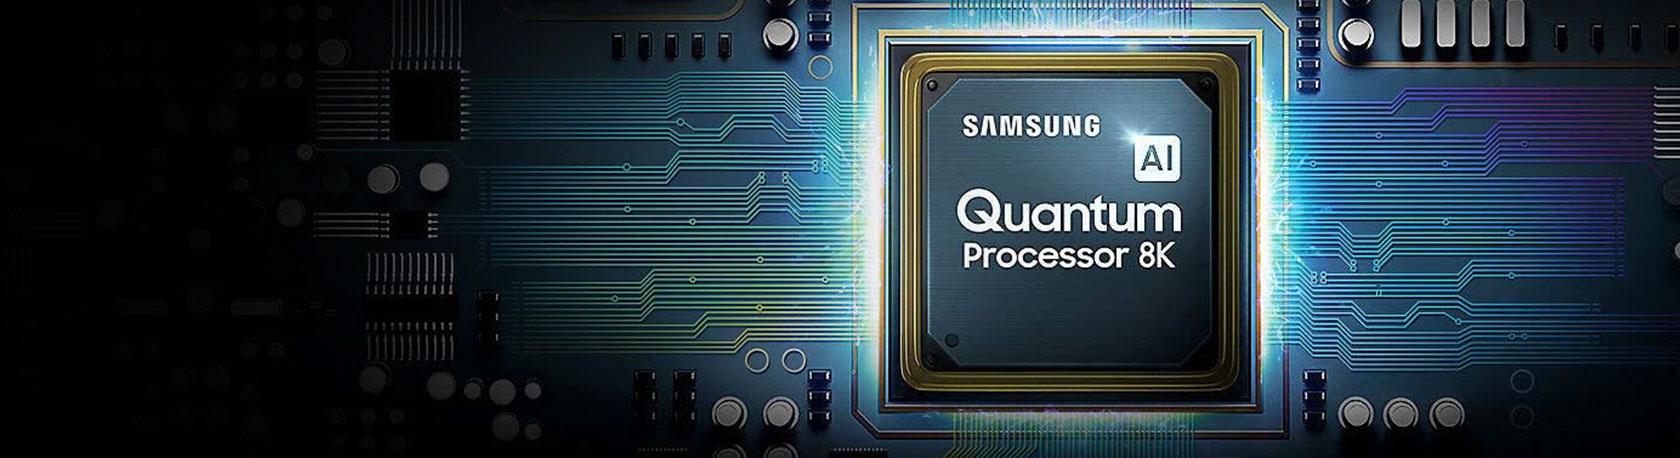 Samsung Quantum AI Processor 8K